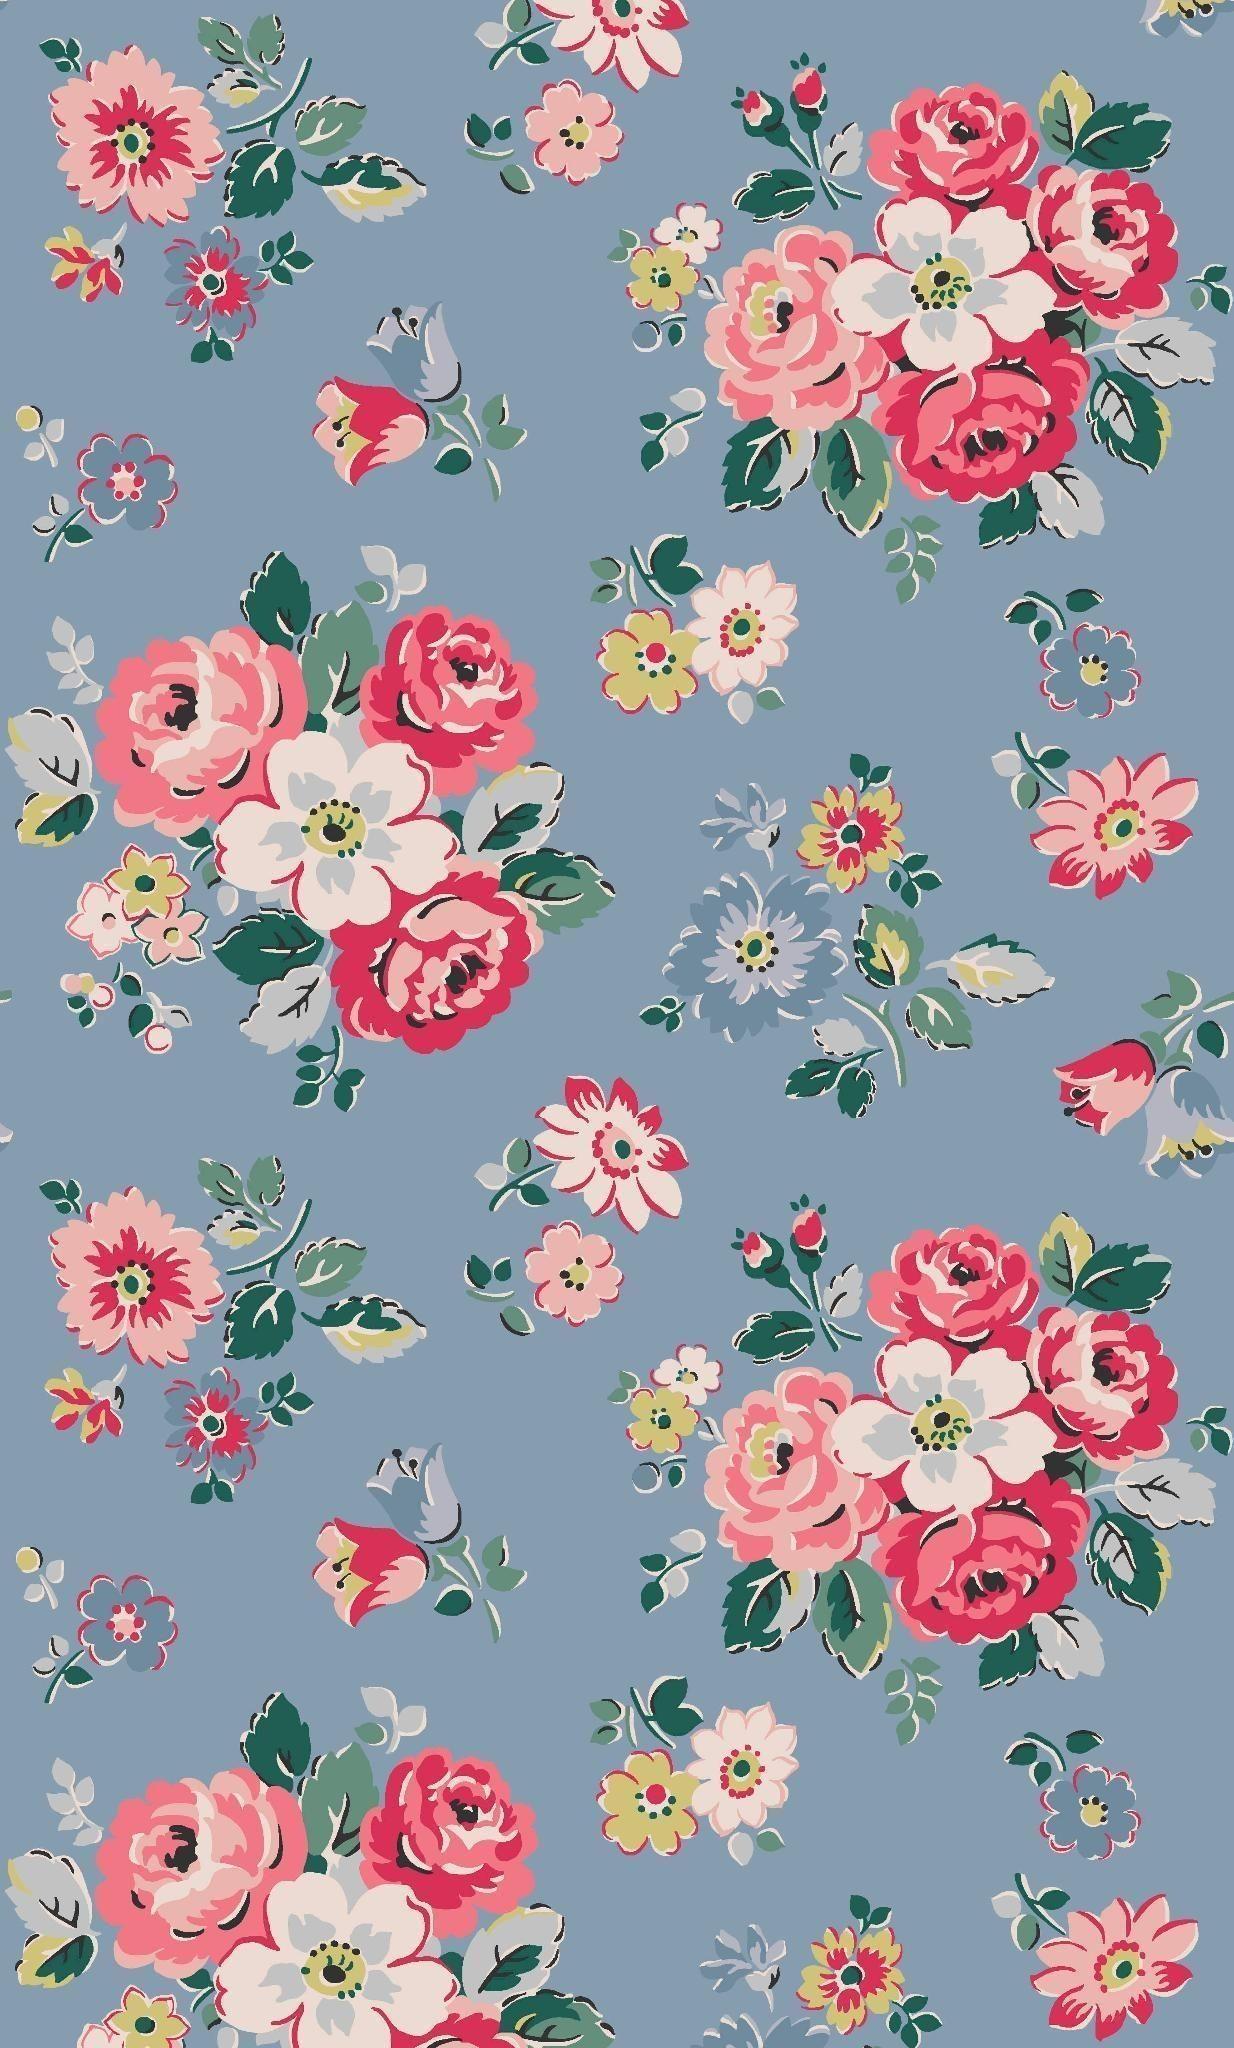 Vintage Floral Iphone Wallpapers Top Free Vintage Floral Iphone